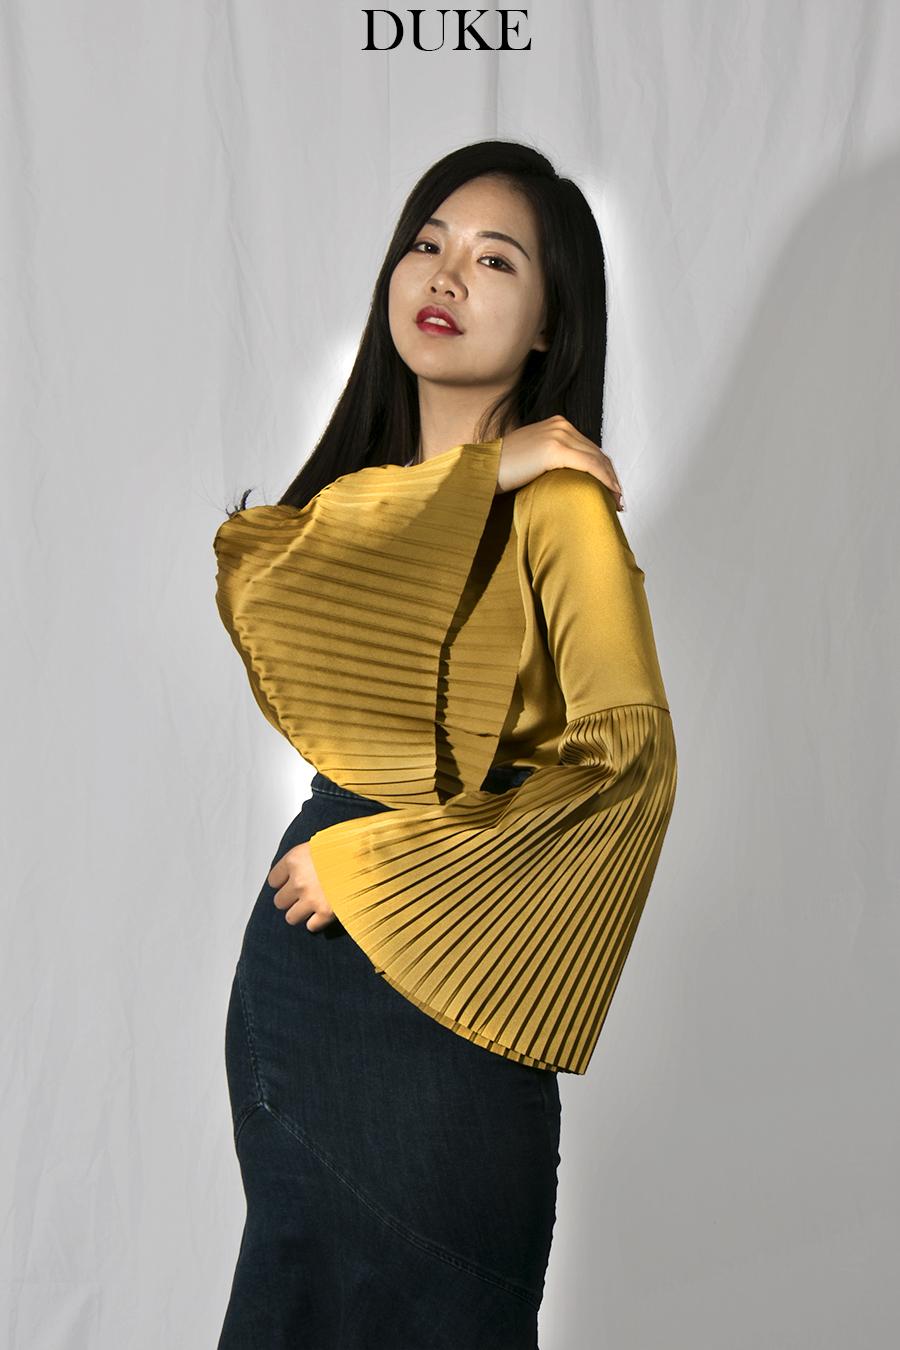 Xiaonan_Chen_fashion_photography_branding_bell_sleeves_DUKE 8